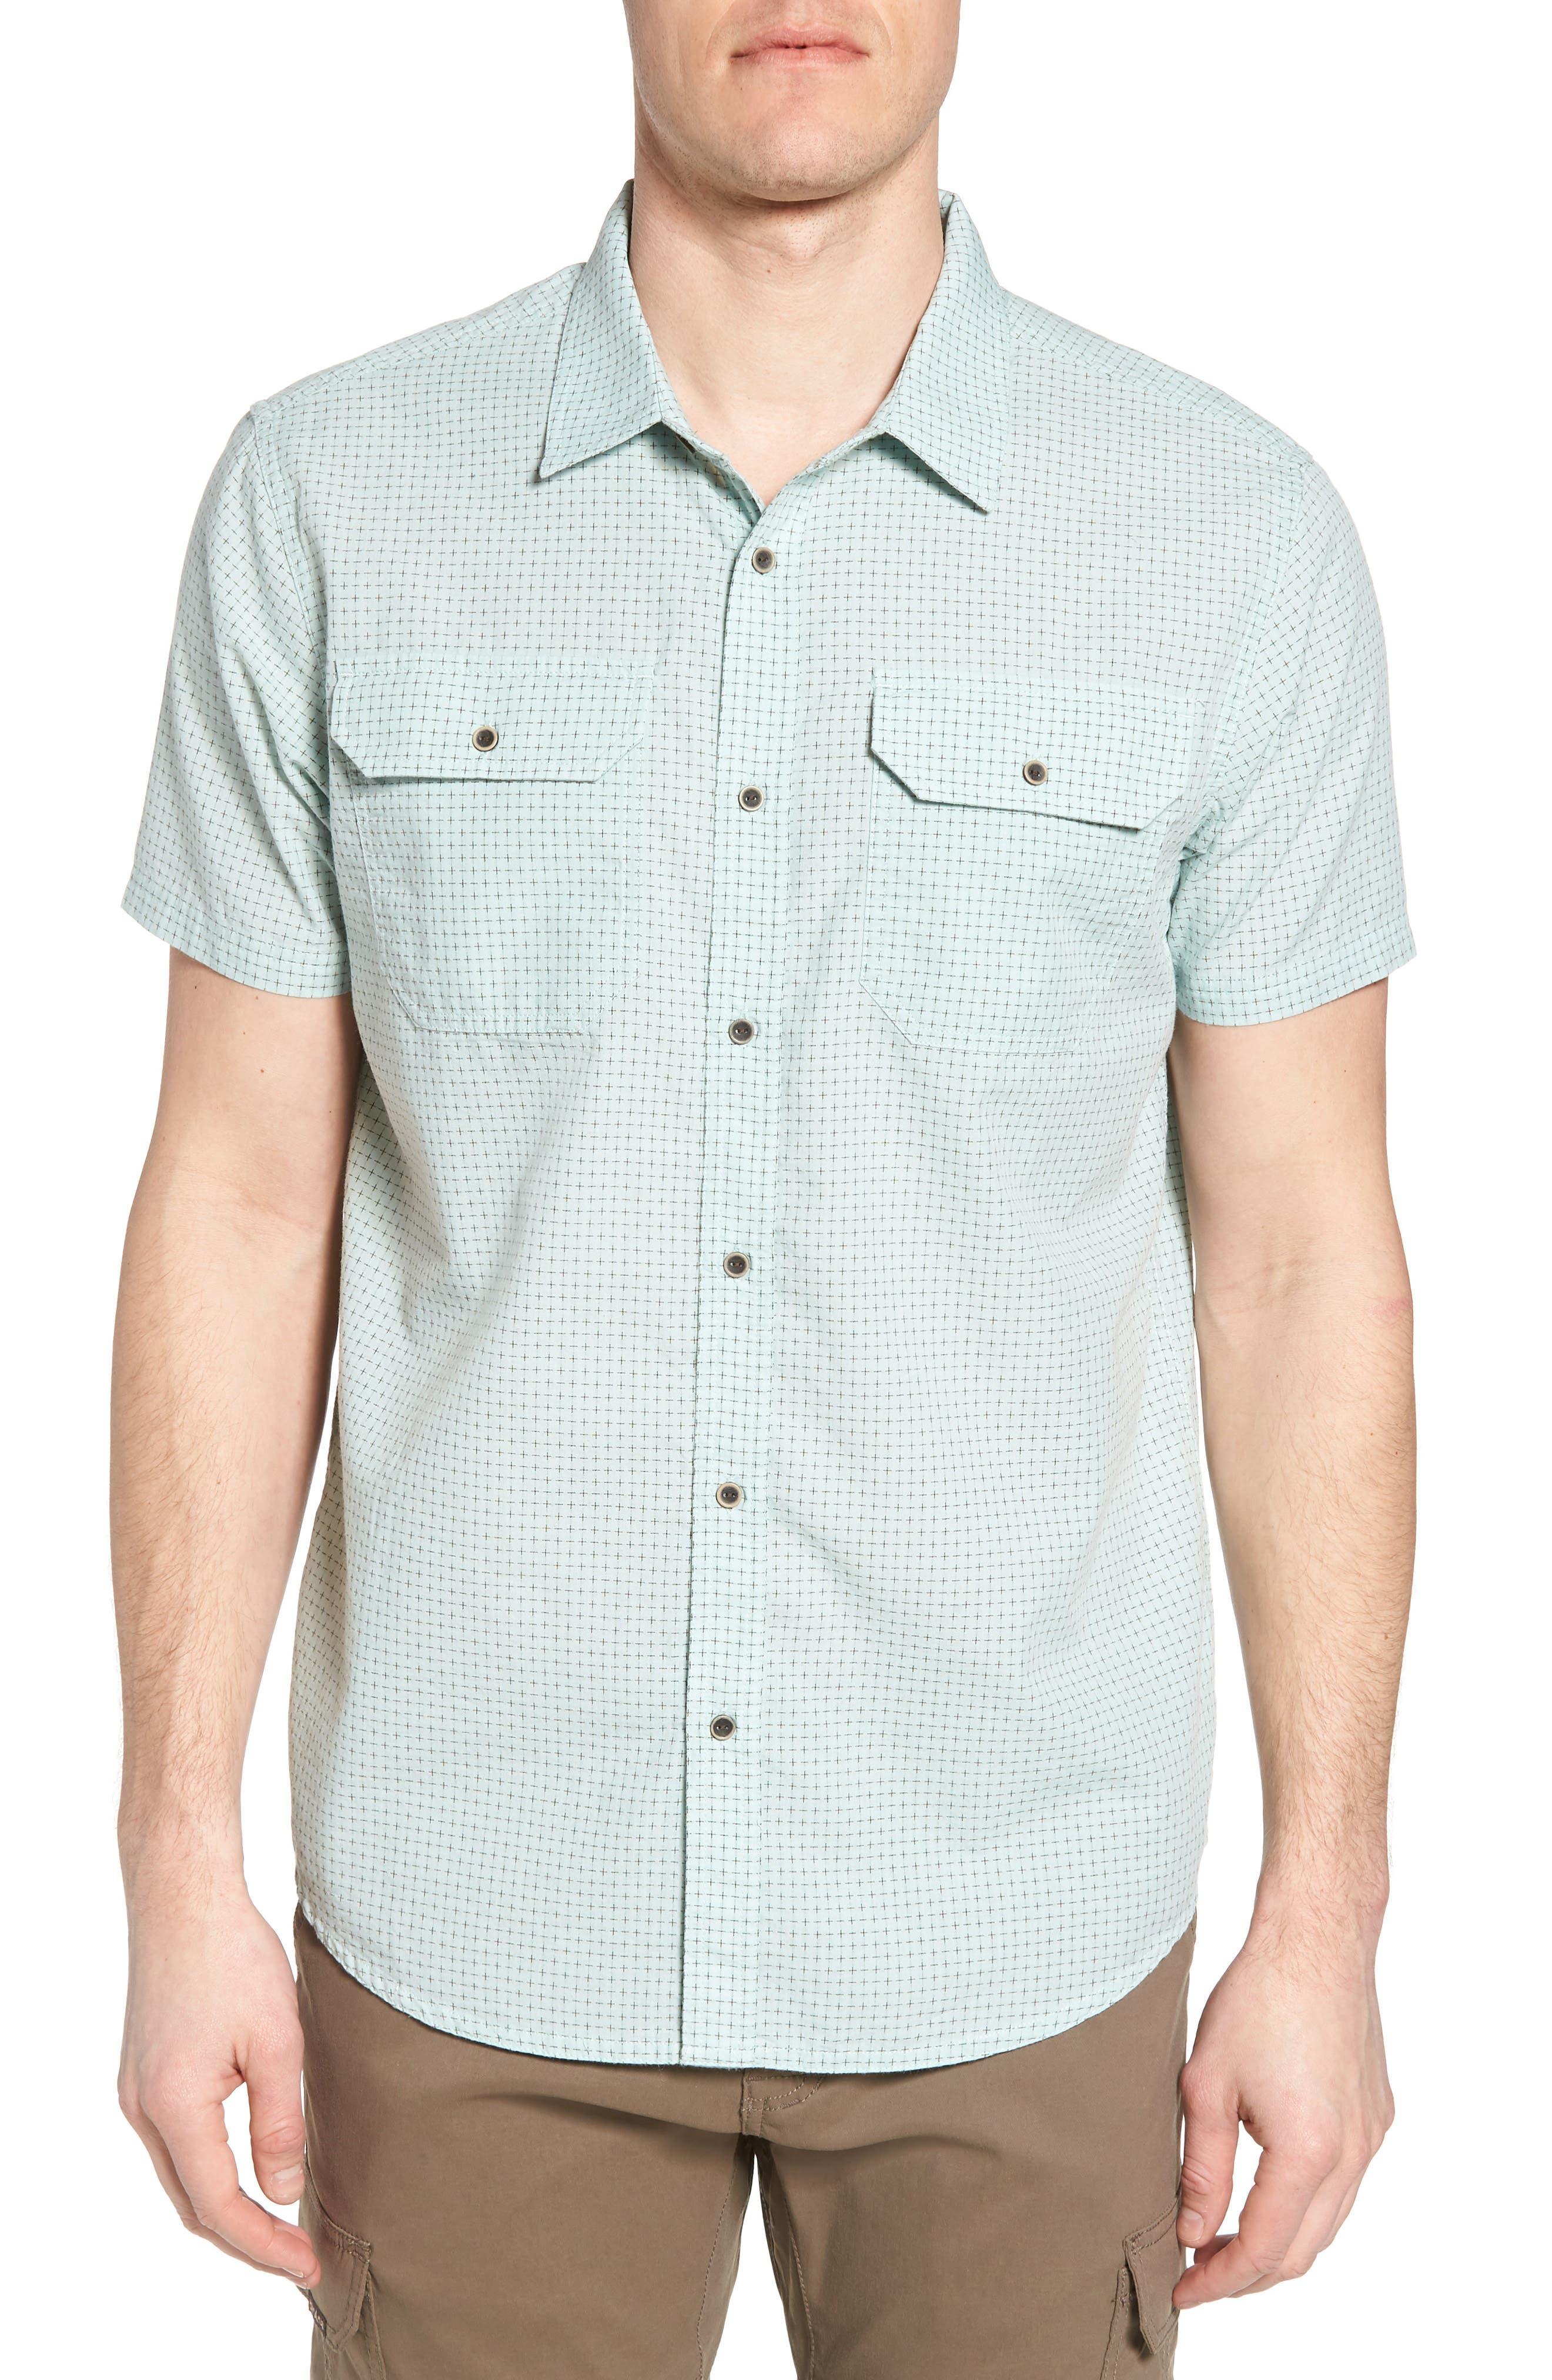 Main Image - prAna Blakely Slim Fit Short Sleeve Sport Shirt